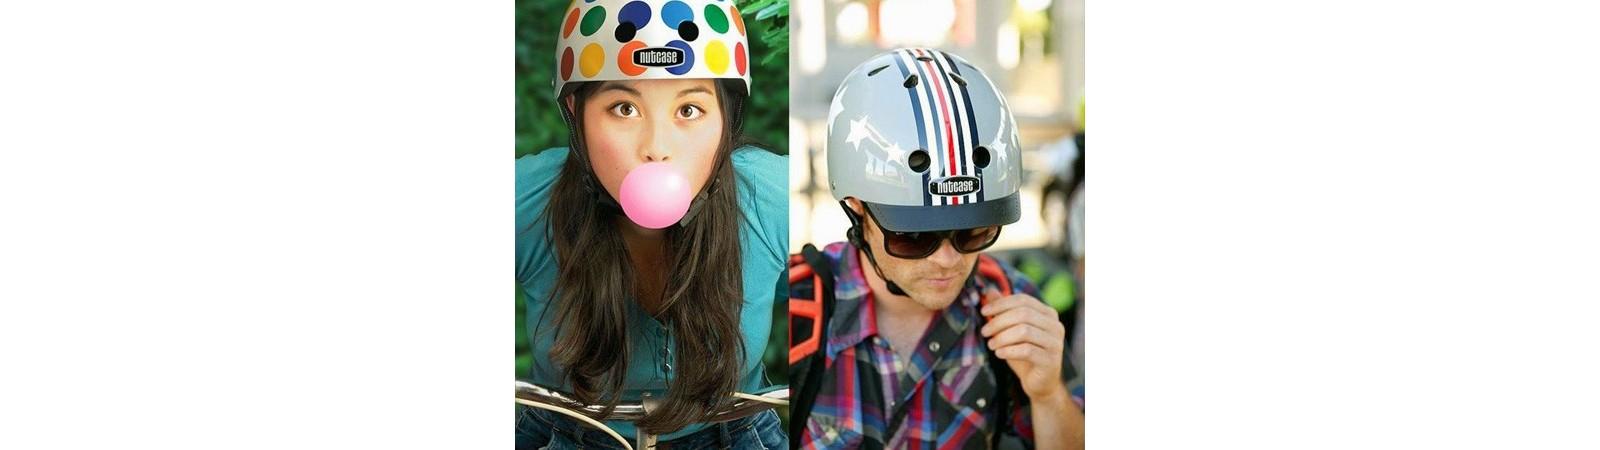 Equipement cycliste - casque, sac à dos, vêtement puie